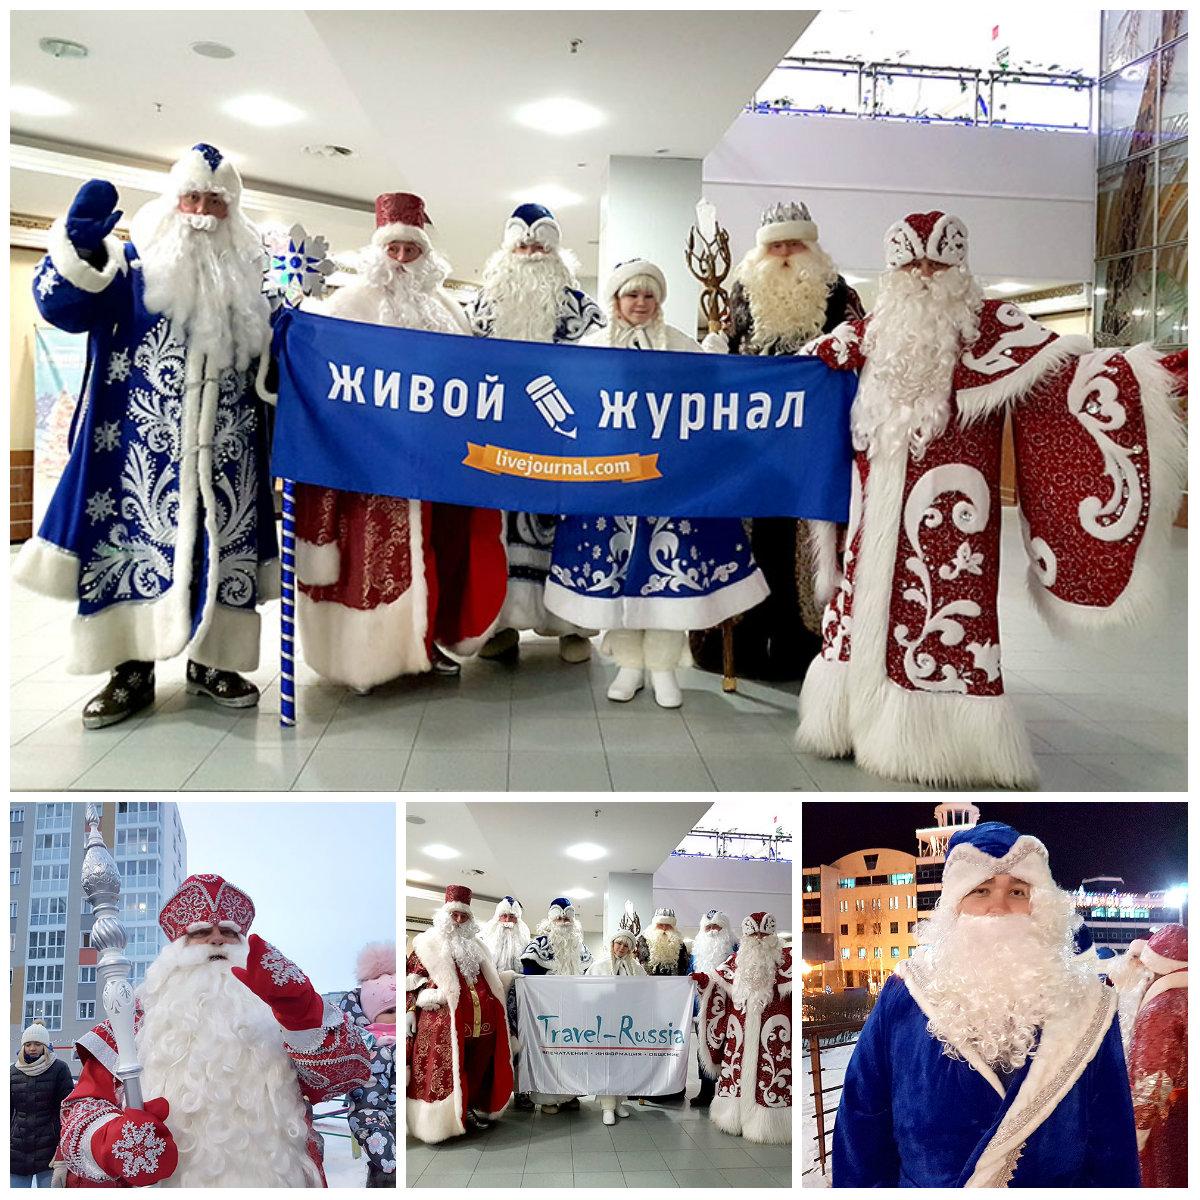 В Ханты-Мансийске выбрали лучшего Деда Мороза страны! Репортаж с места событий.